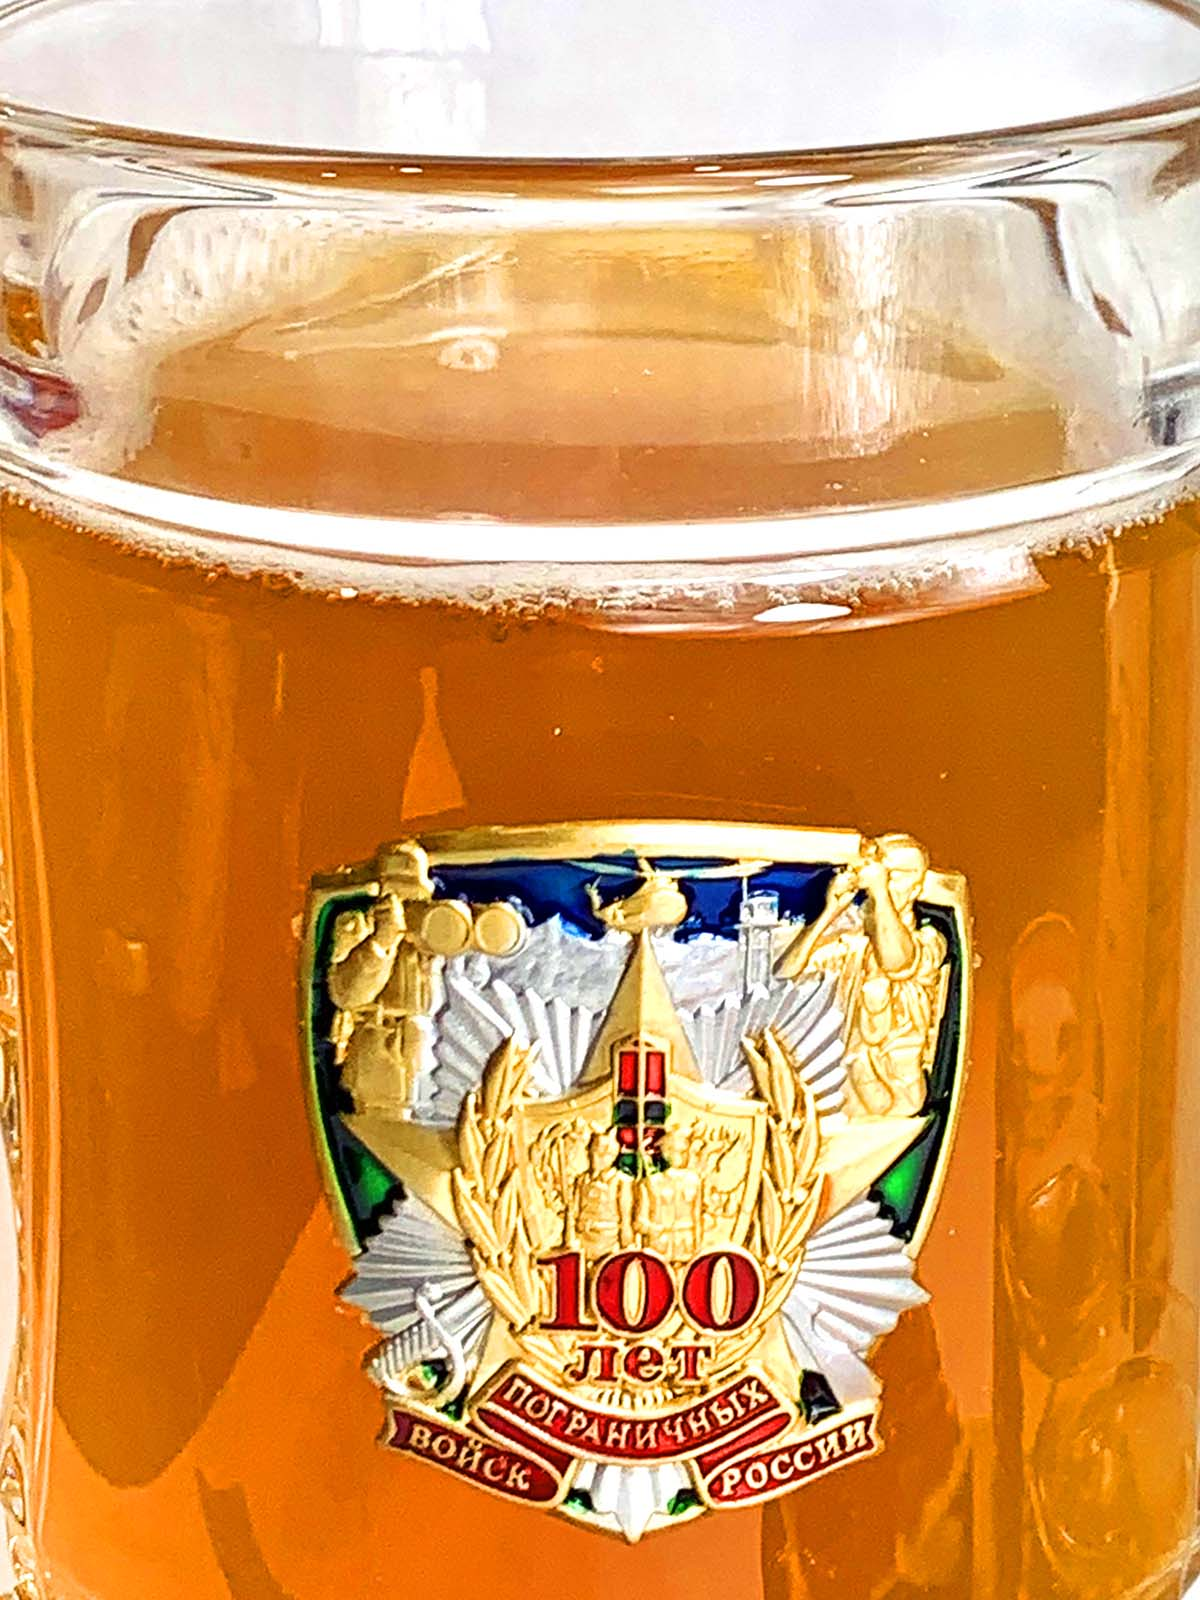 Набор для алкогольных напитков Пограничник